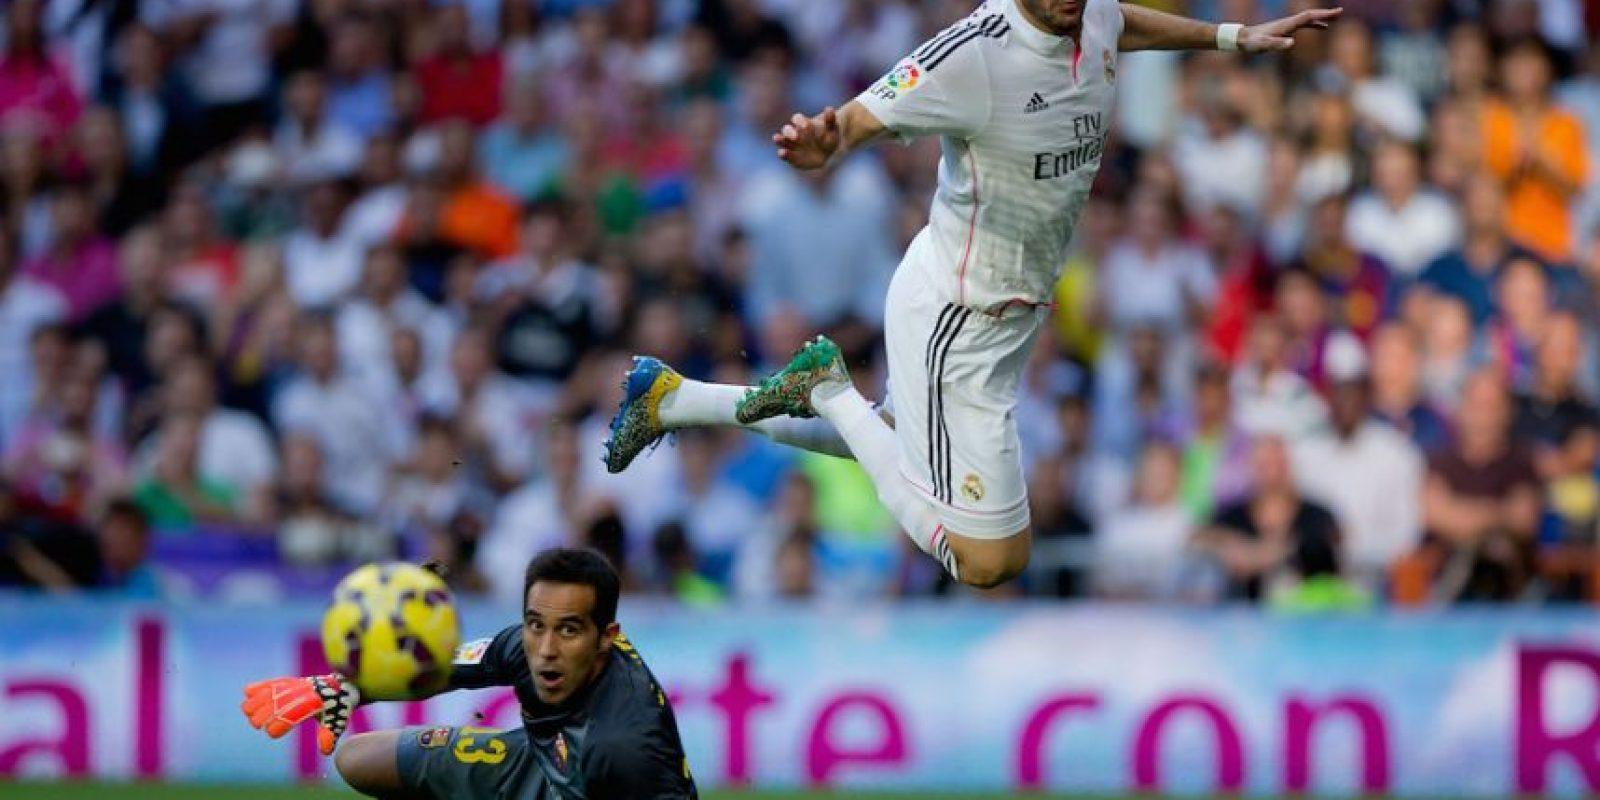 El club que gane estará un paso más cerca del título. Foto:Getty Images